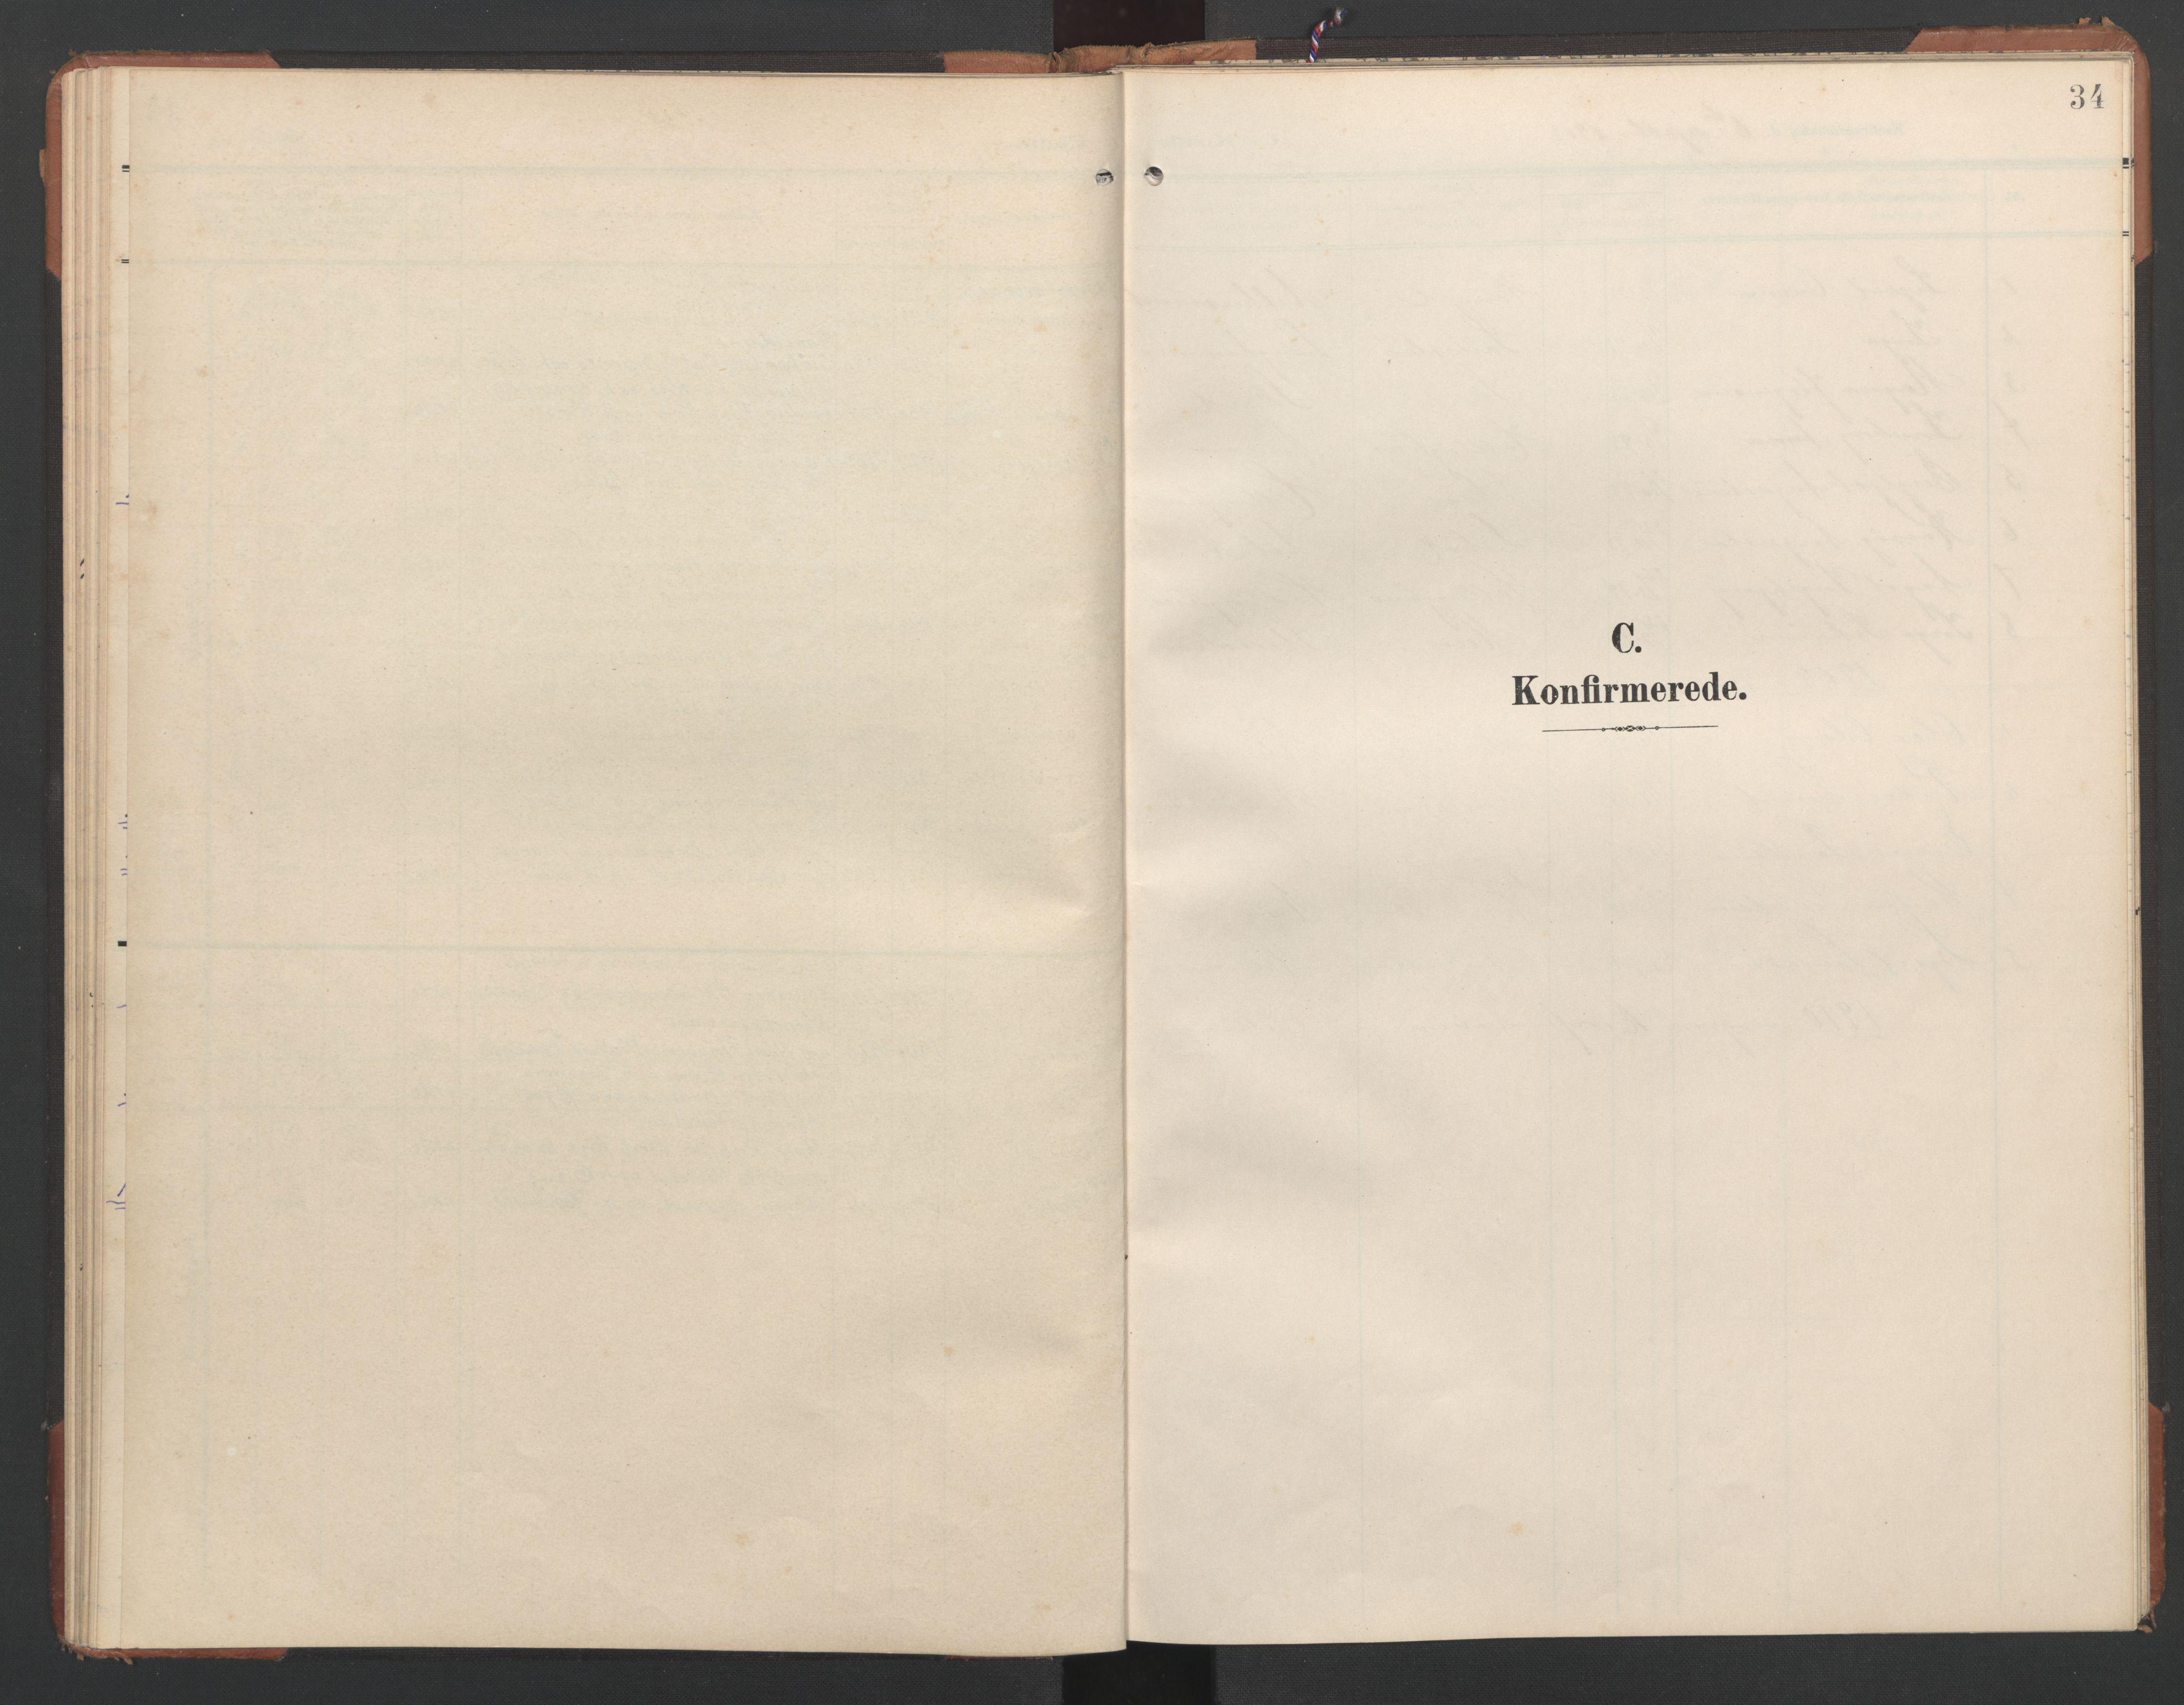 SAT, Ministerialprotokoller, klokkerbøker og fødselsregistre - Nord-Trøndelag, 748/L0465: Klokkerbok nr. 748C01, 1908-1960, s. 34